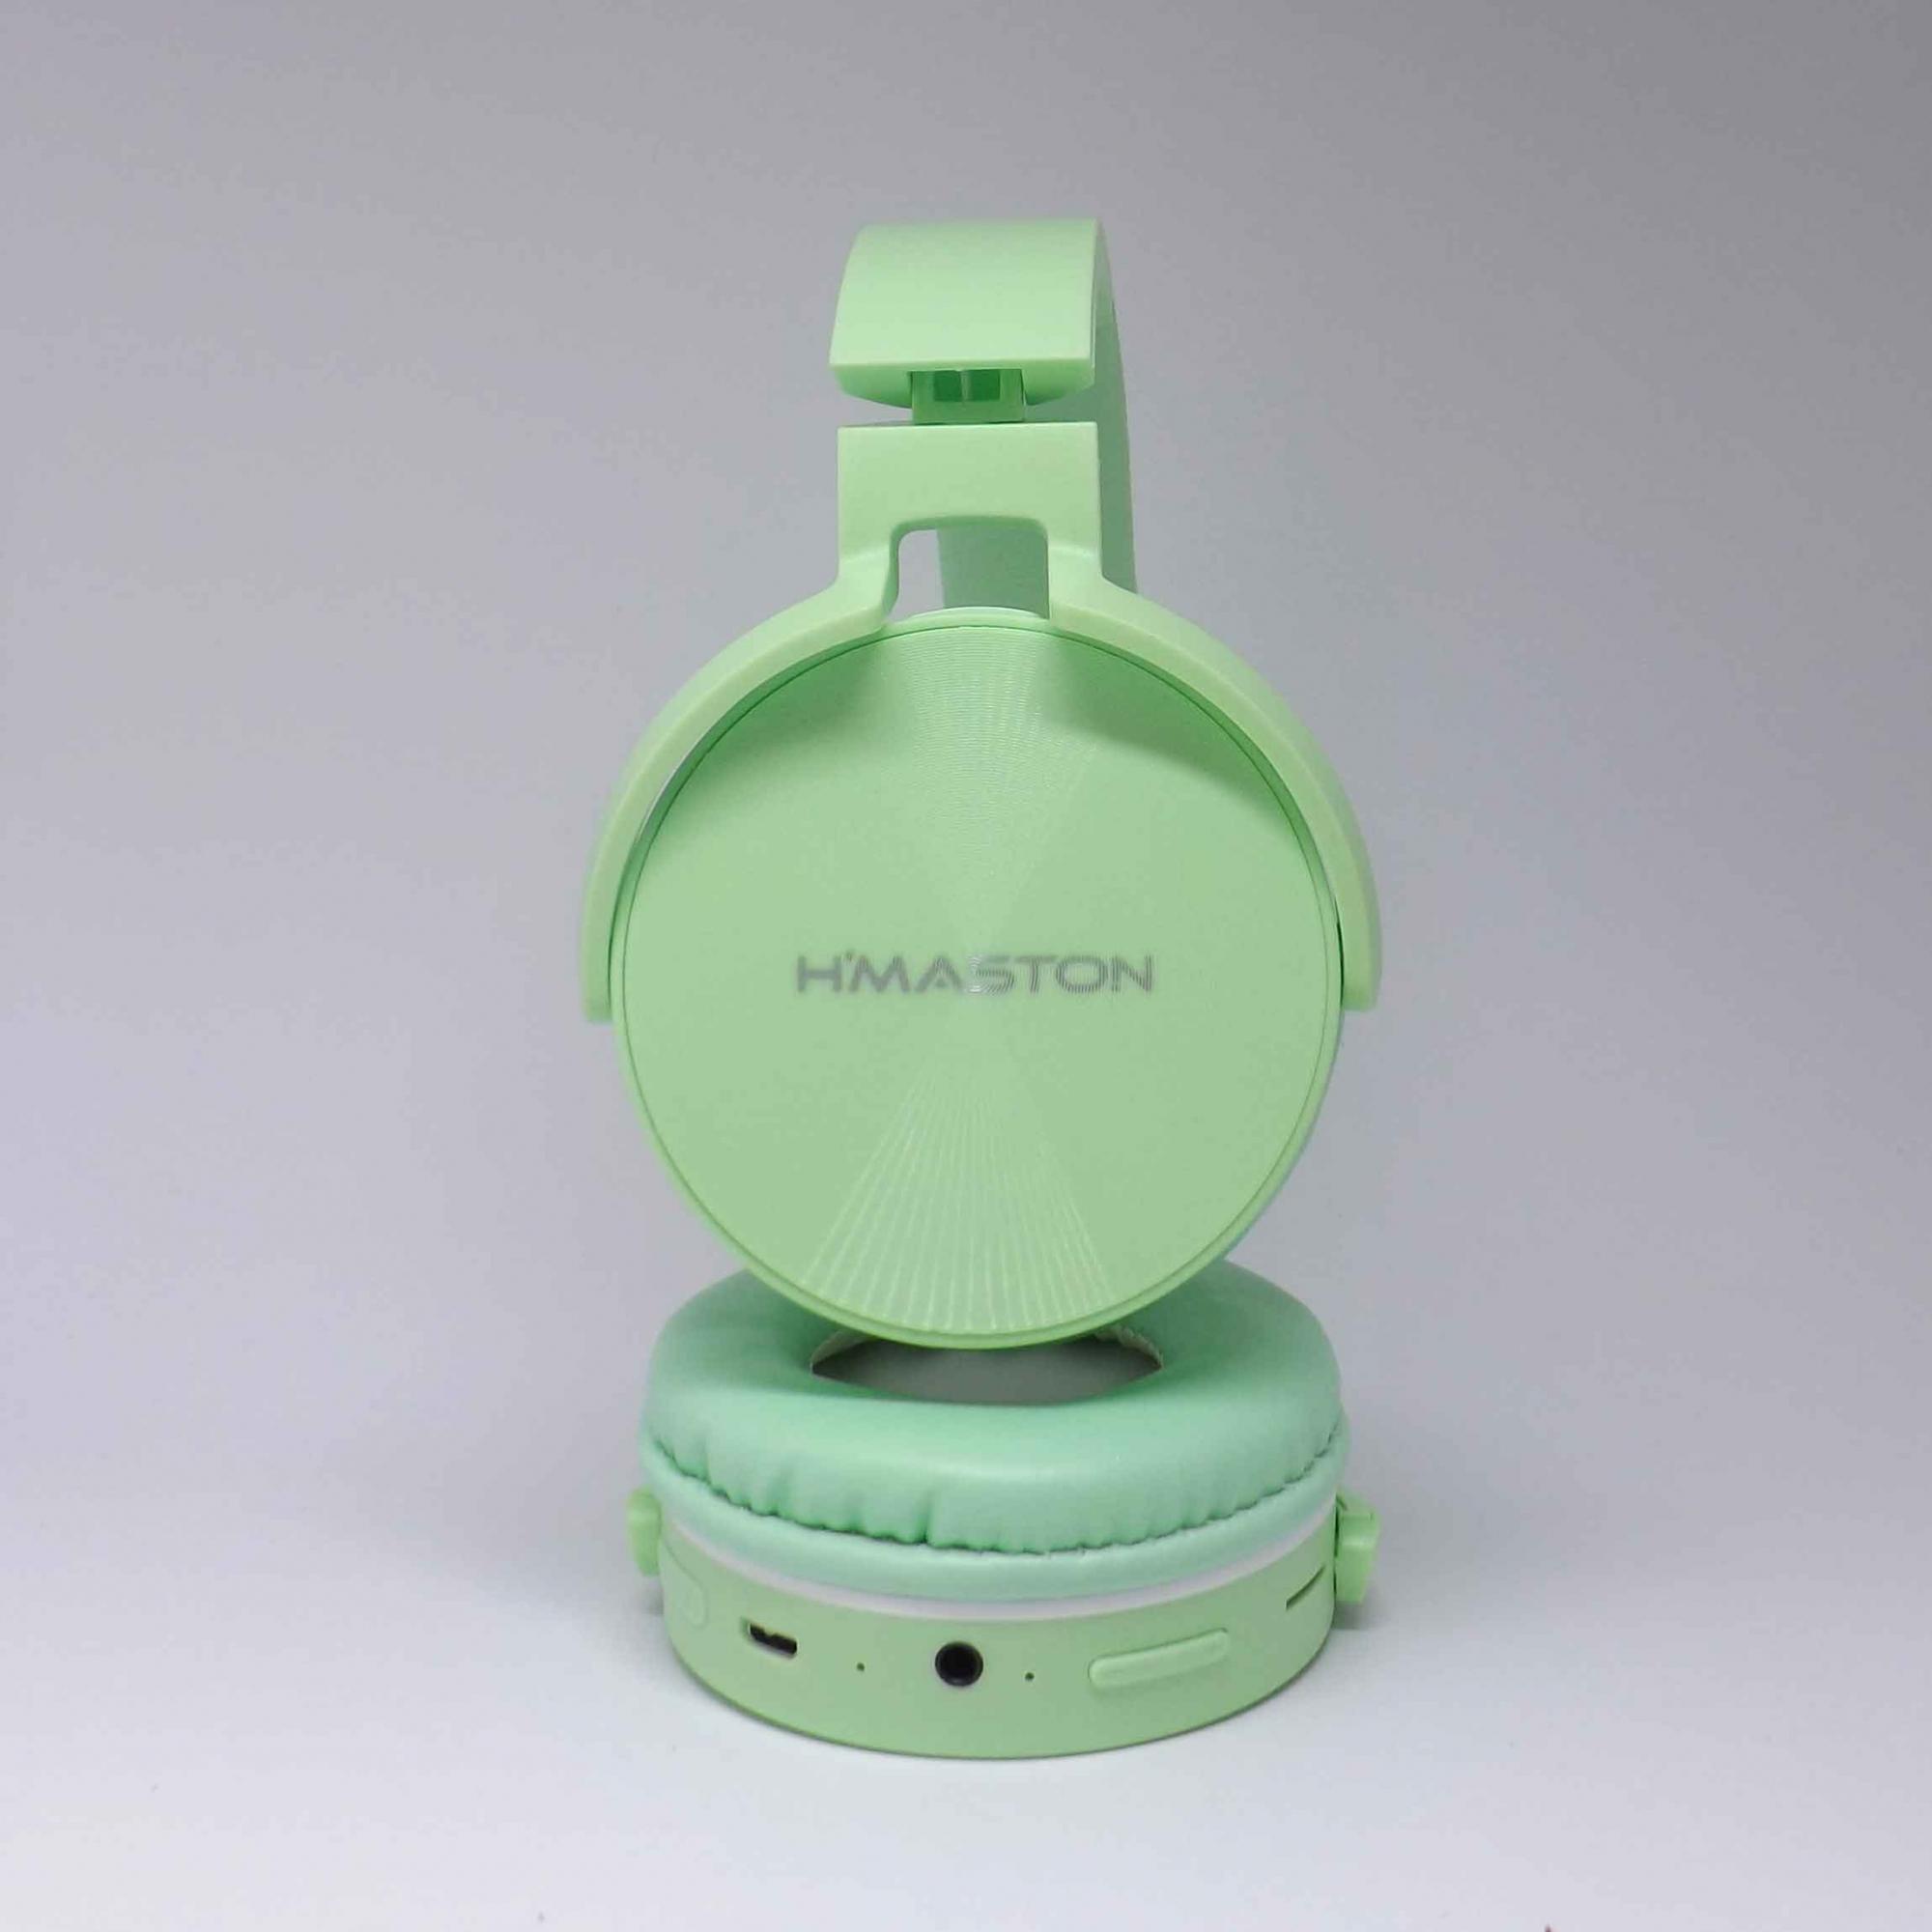 Fone de Ouvido Bluetooth Hmaston EJ-036